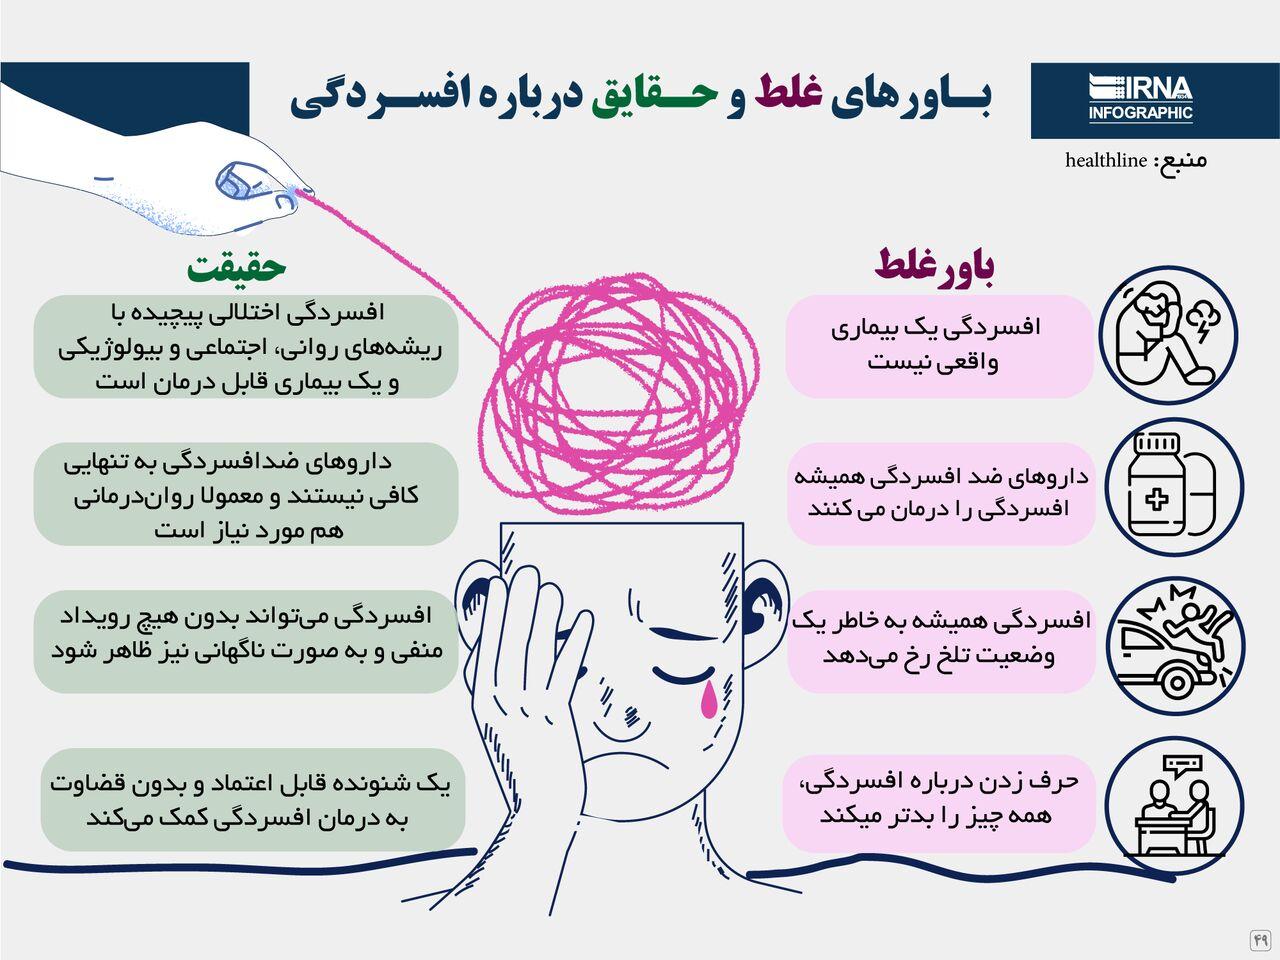 باورهای غلط و درست درباره افسردگی (اینفوگرافیک)